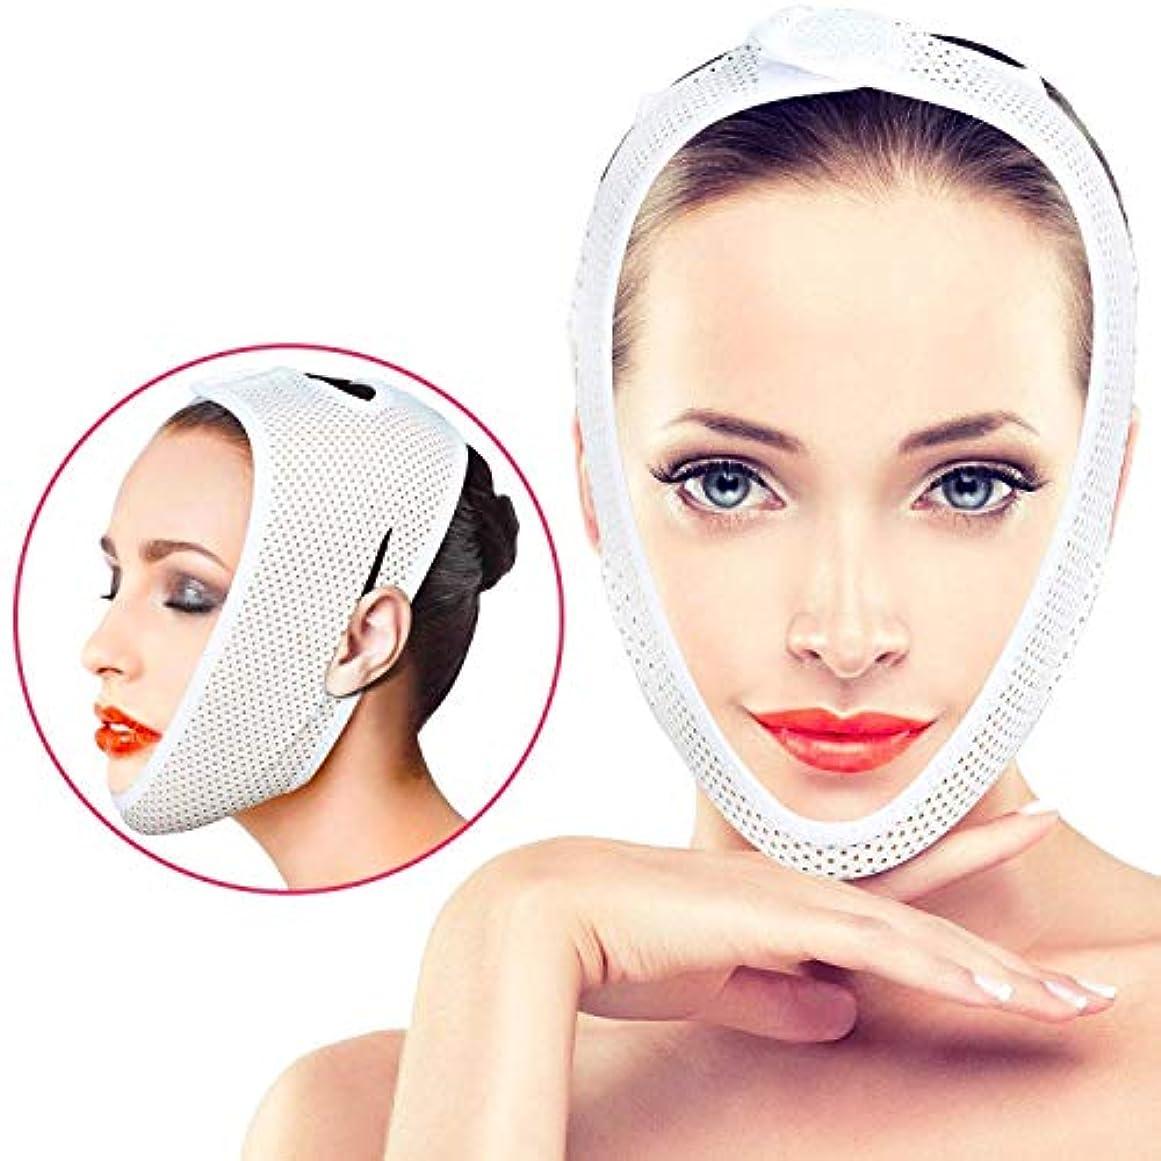 協会膨らみ彼WSJTT パッチ通気チンケアを締め付け女性のための顔のリフティングベルト、Vラインチンチークリフトアップバンドアンチリンクル包帯、スリミング包帯二重あごケア減量Vフェイスベルト補正ベルト